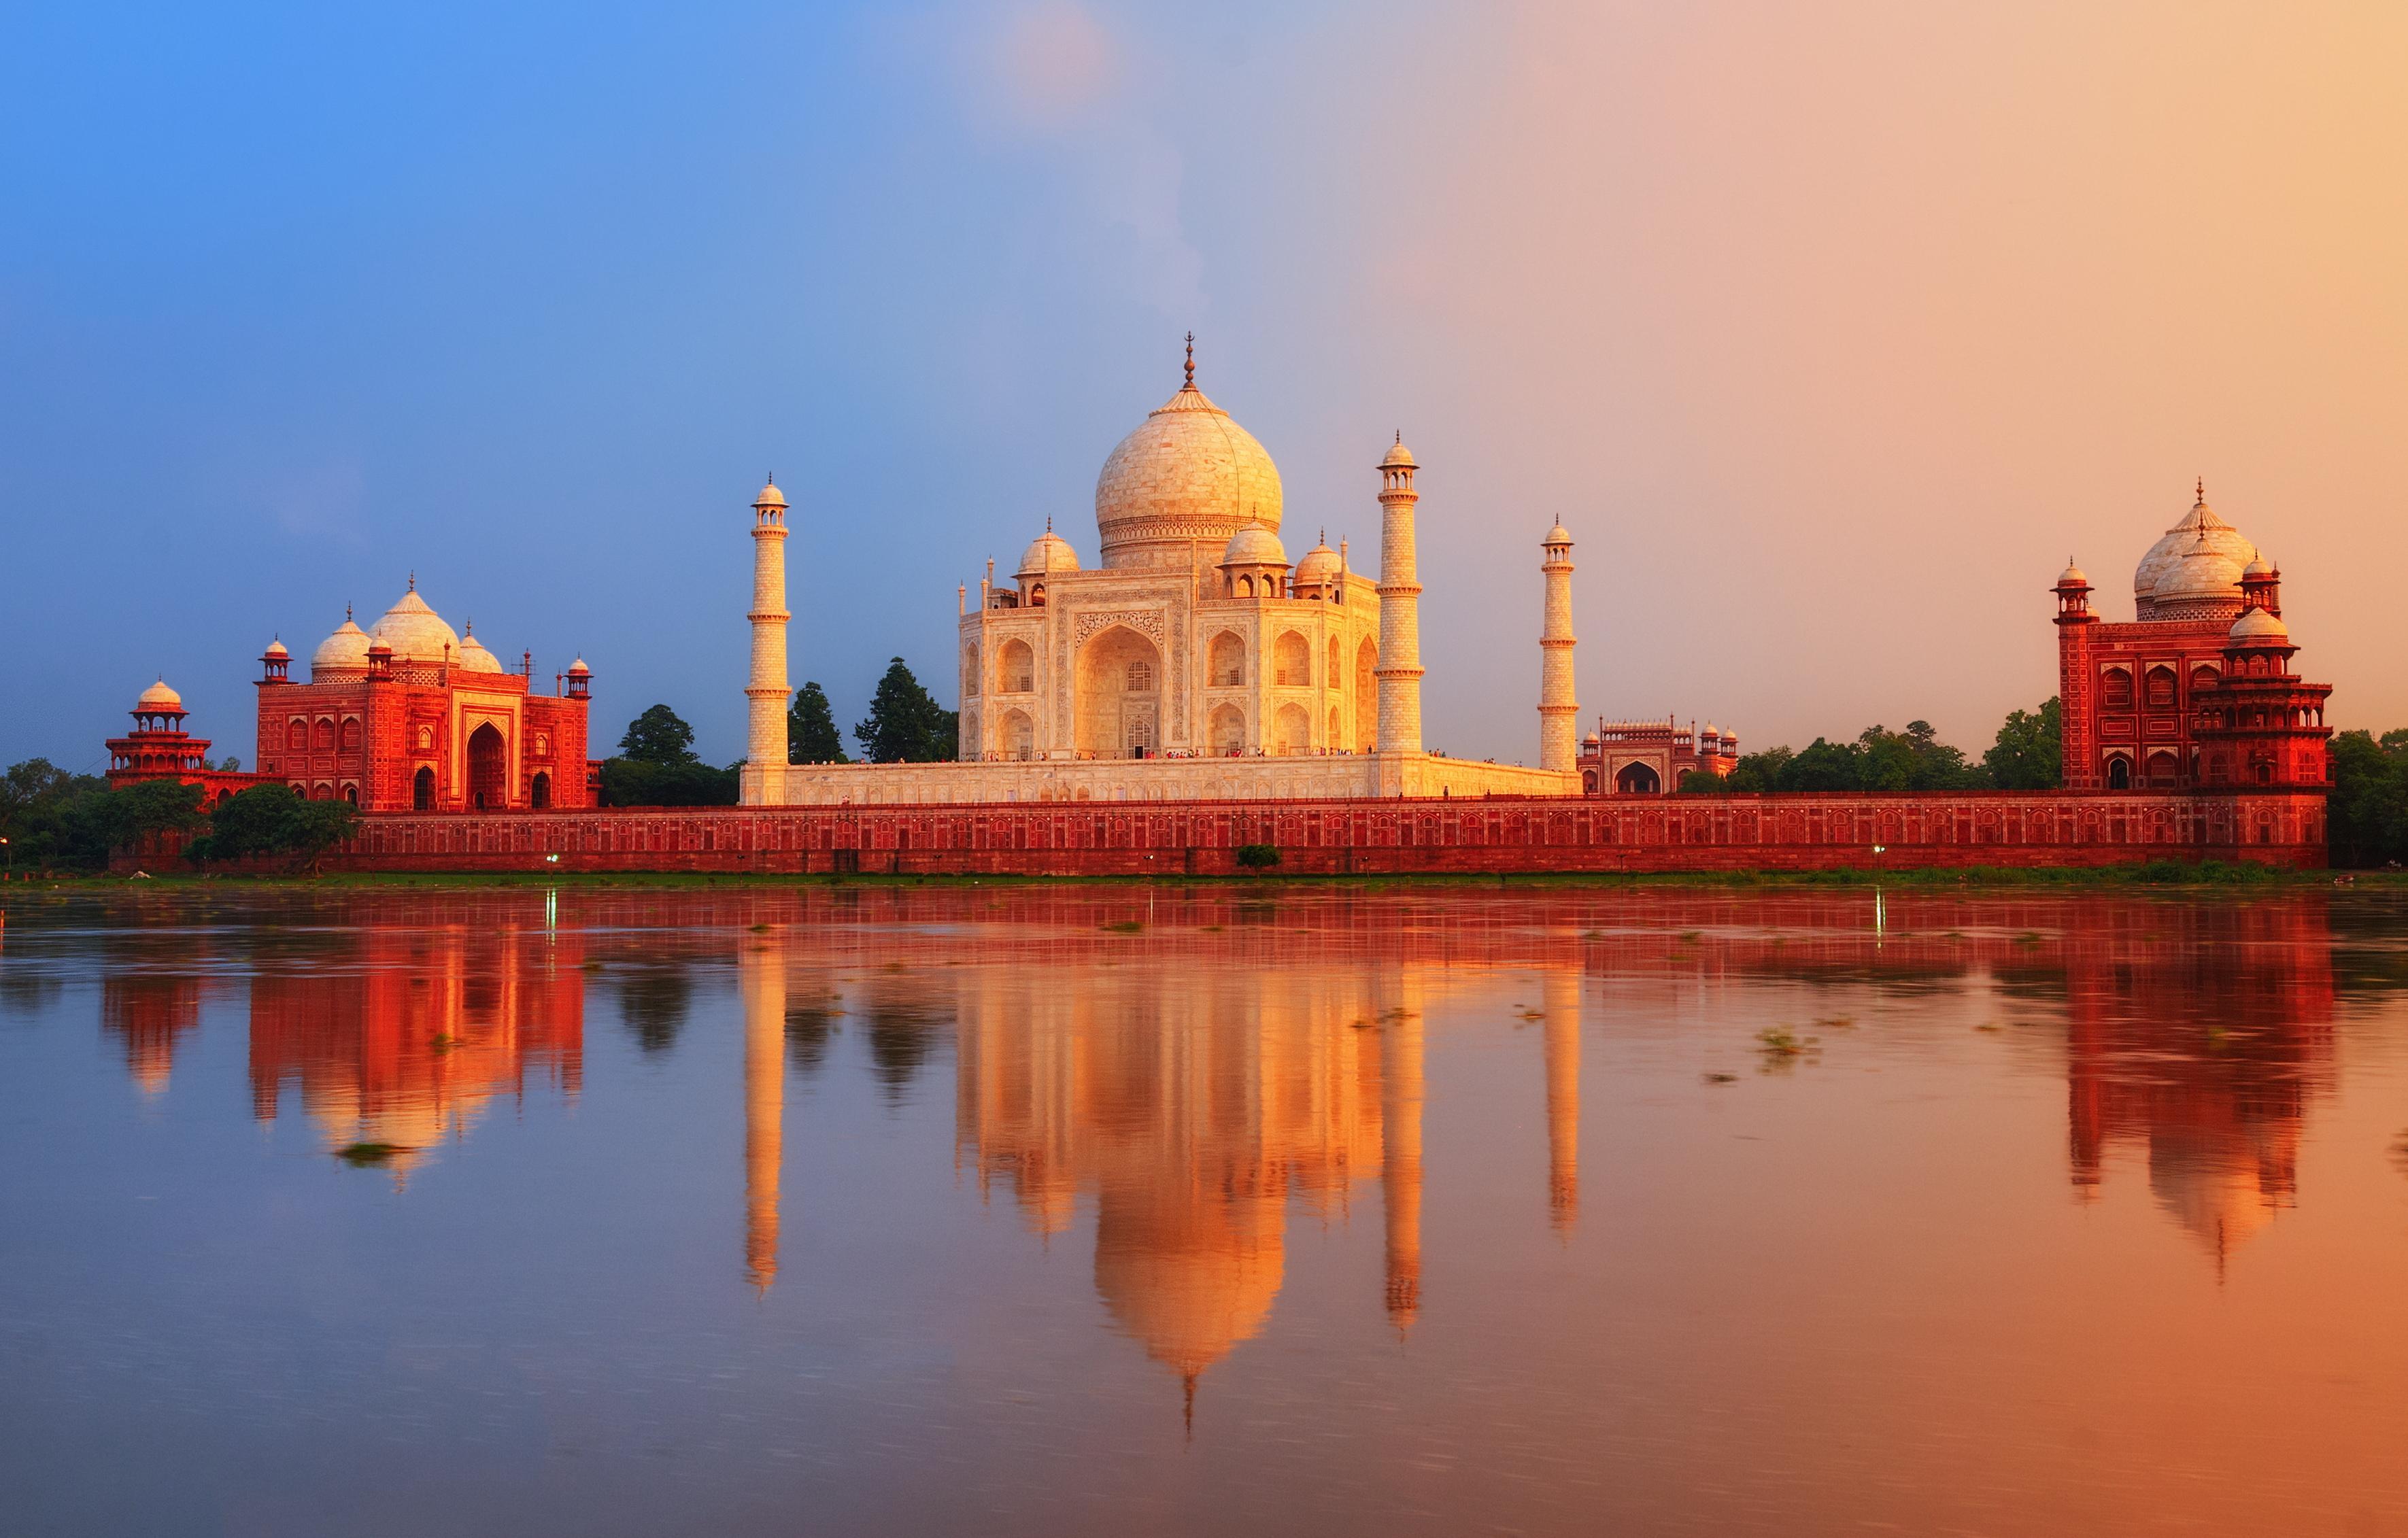 /optitravel/online/www/layout22/single_product.php?pkt_id=526&Produto=Índia Clássica & Goa&destino=ÍNDIA